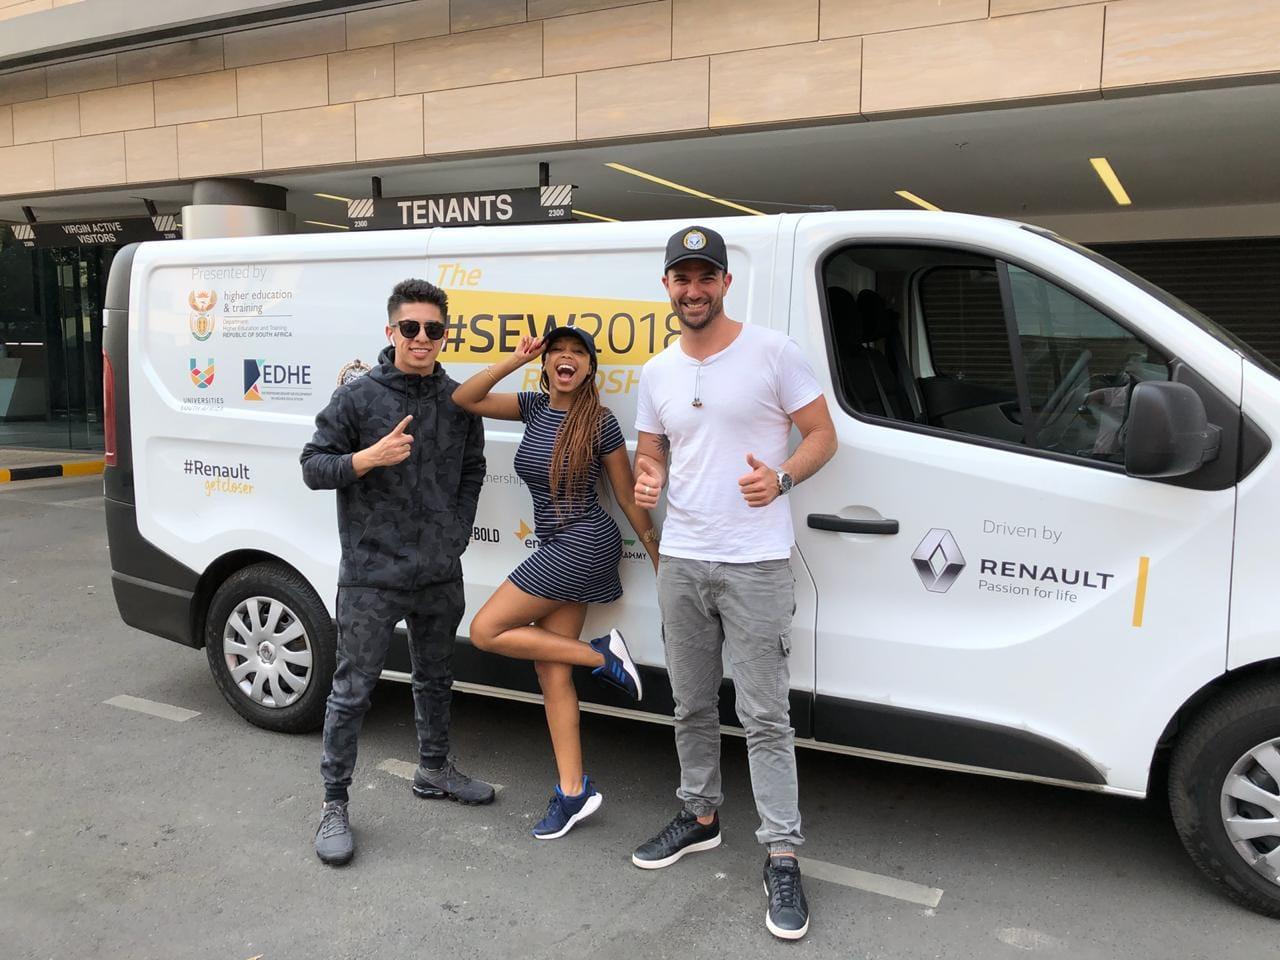 Renault South Africa sponsoring the EDHE Student Entrepreneurship program in support of entrepreneurship.